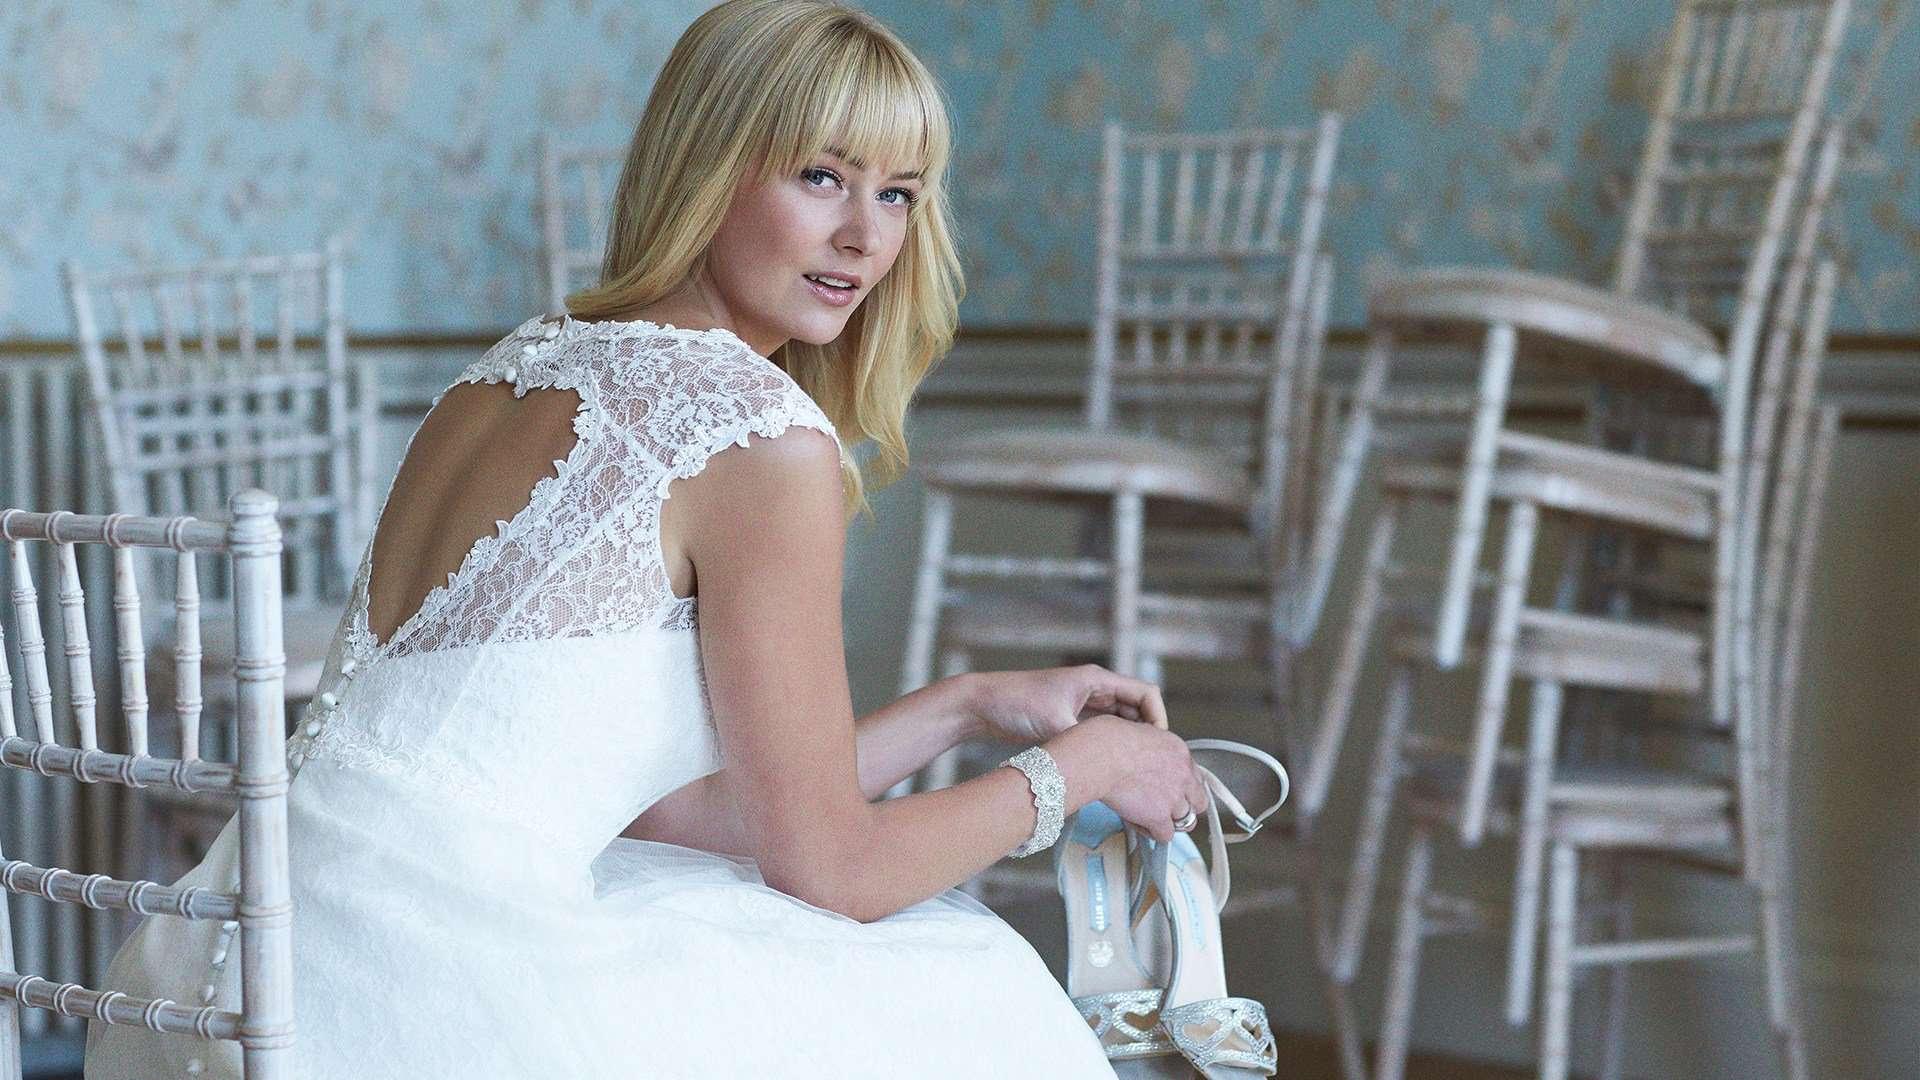 Svatební šaty - Akce a slevy Ostrava